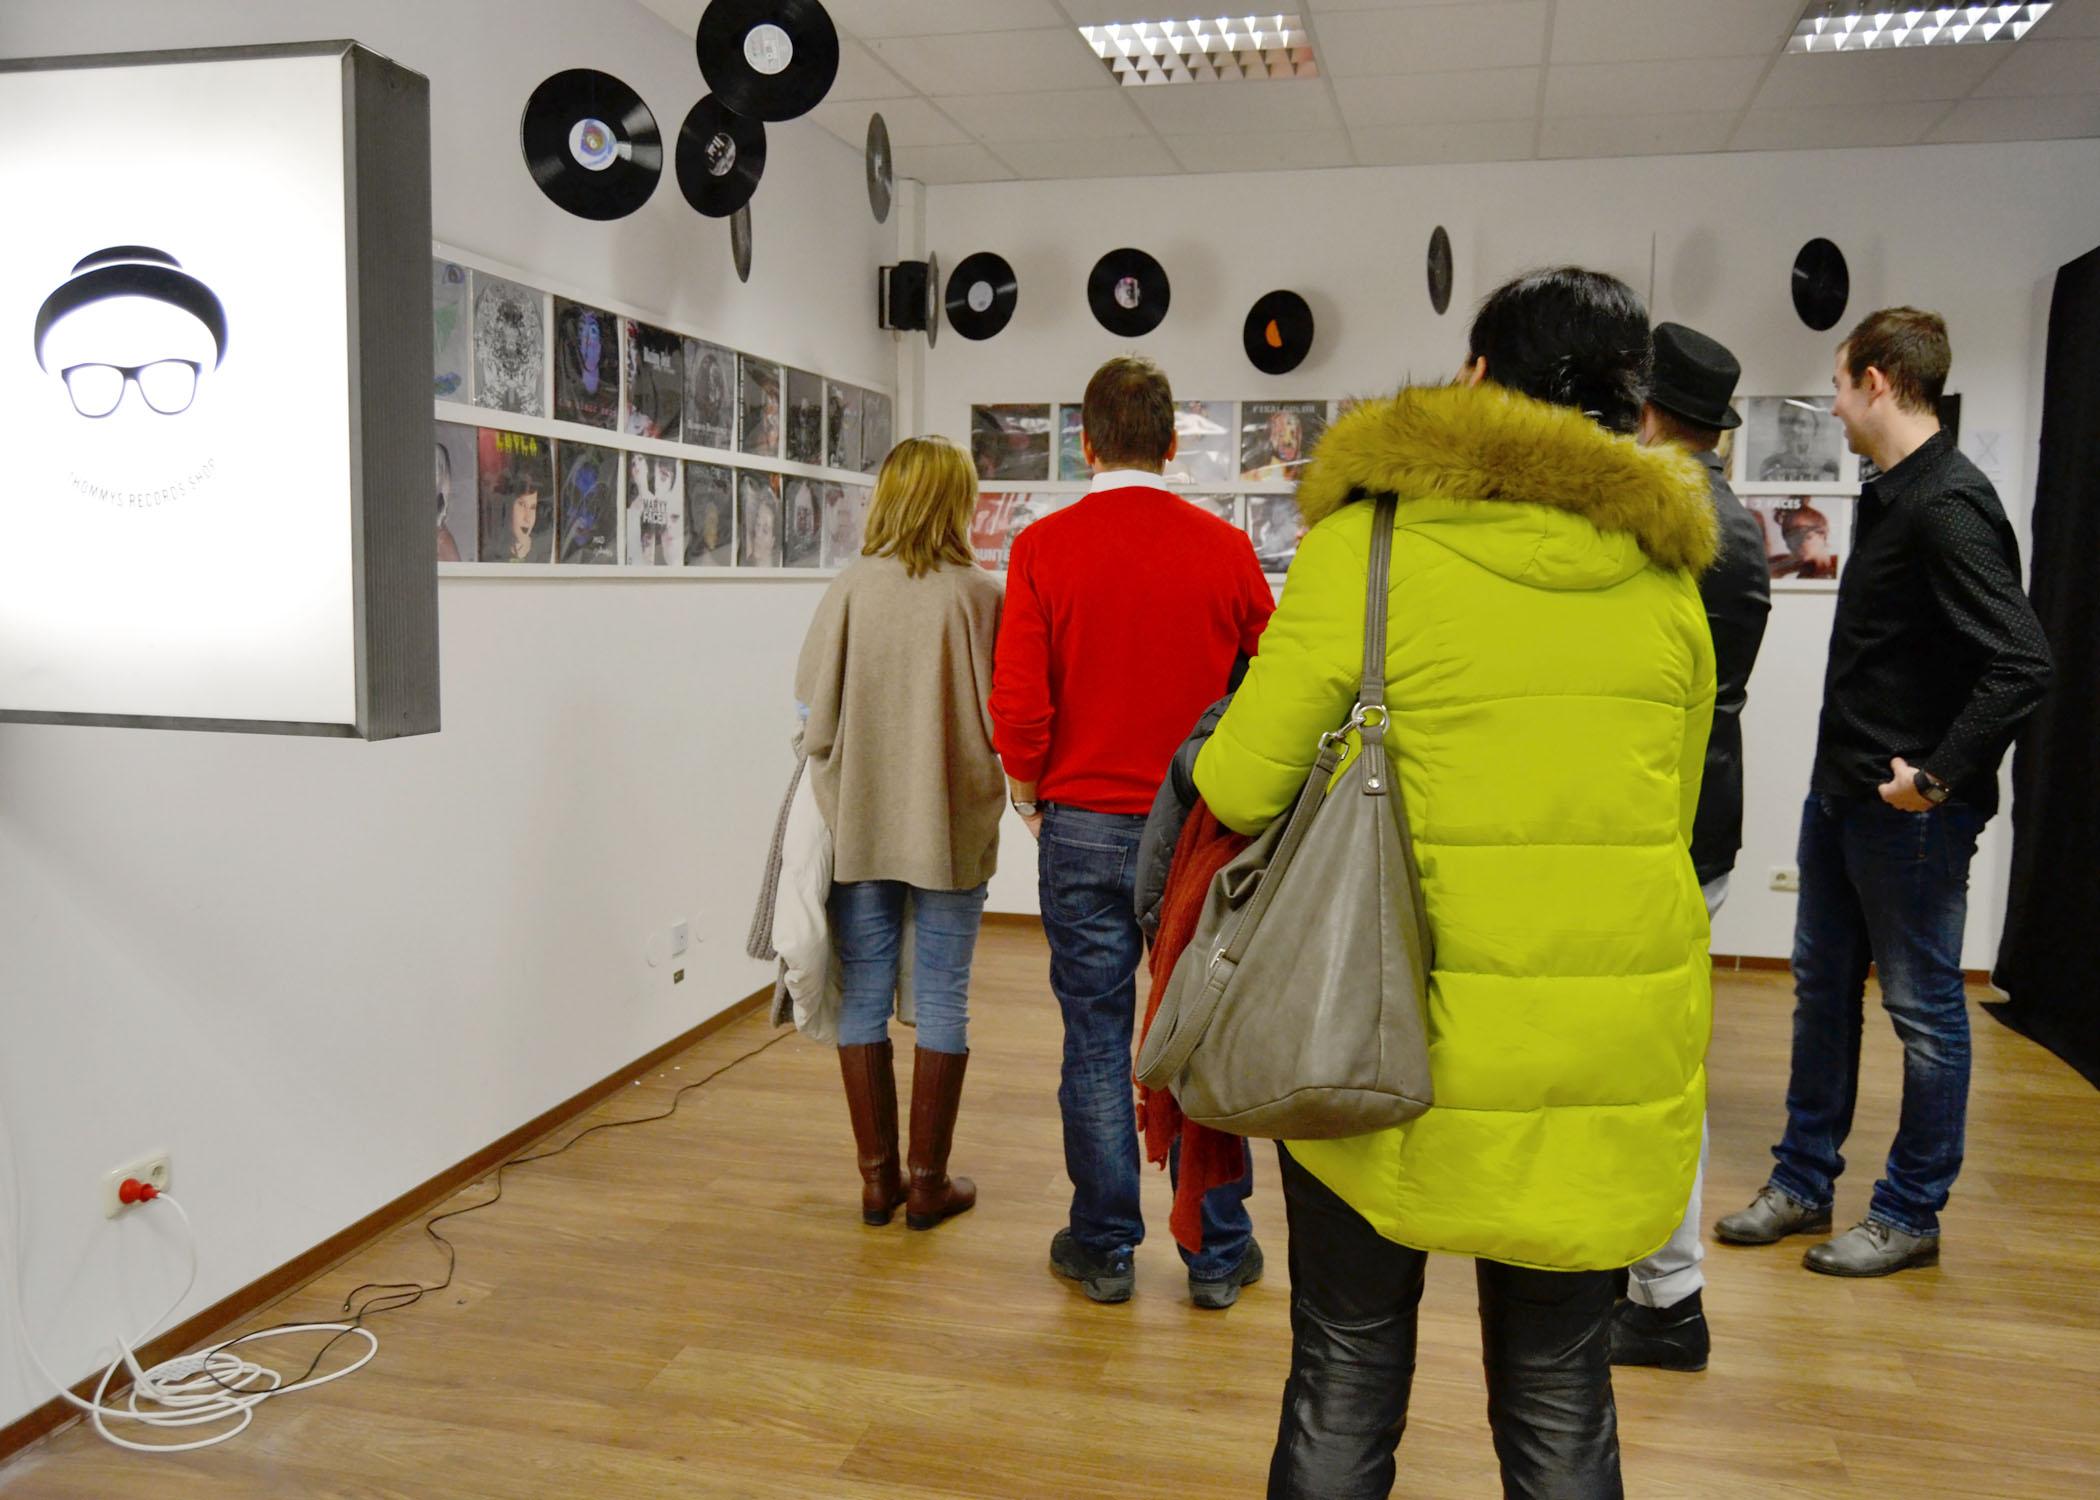 """Zumindest mit den Augen konnten die Besucher/innen in """"Thommy's Records Shop"""" das vielfältige Artwork durchstöbern."""